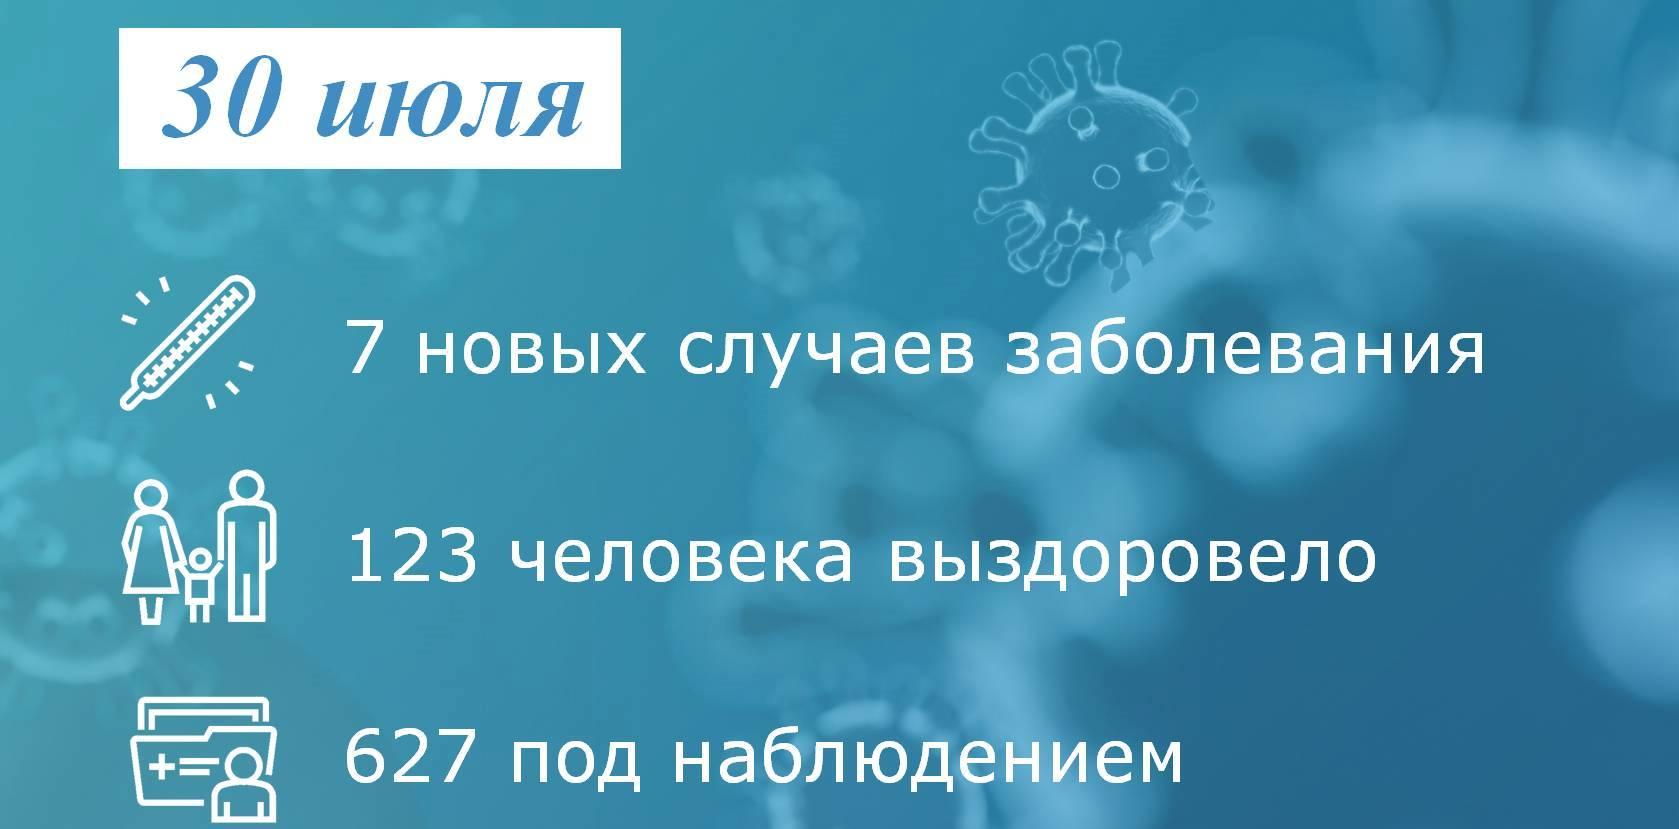 Коронавирус: в Таганроге заболели еще 7 человек